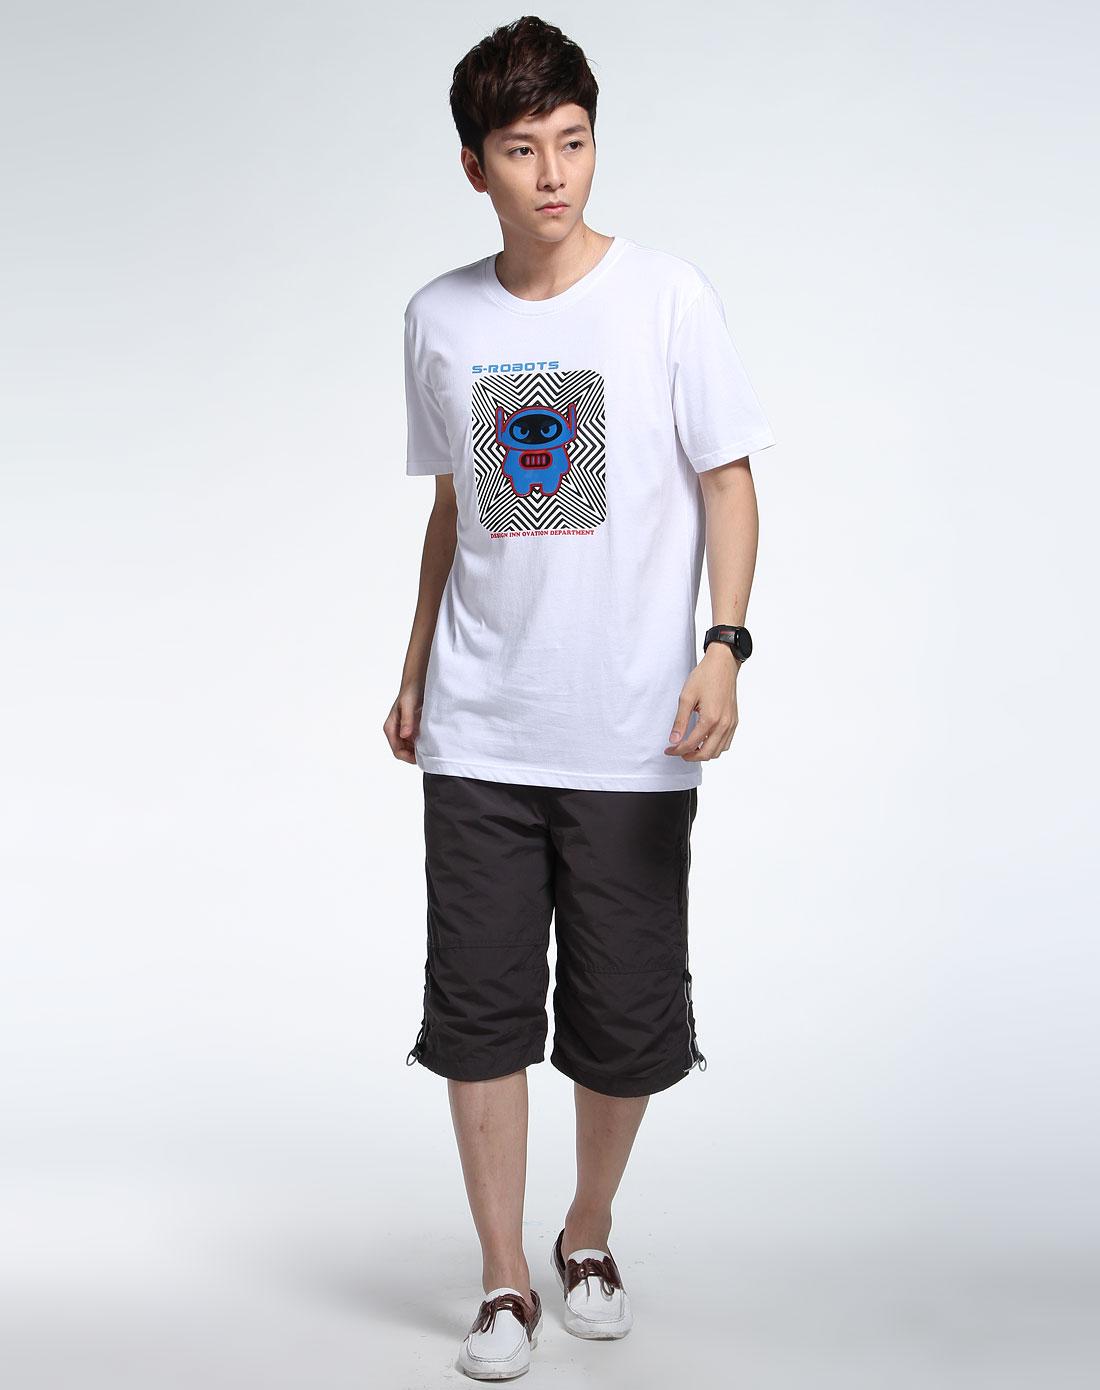 森马男装专场-白色短袖个性t恤图片